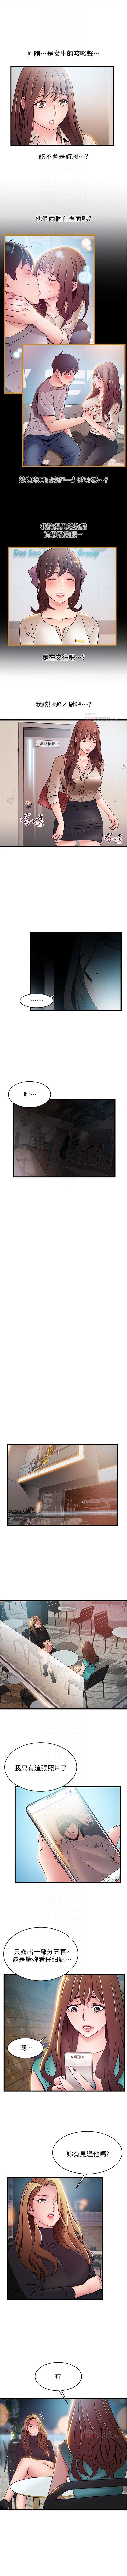 弱點 1-101 官方中文(連載中) 342